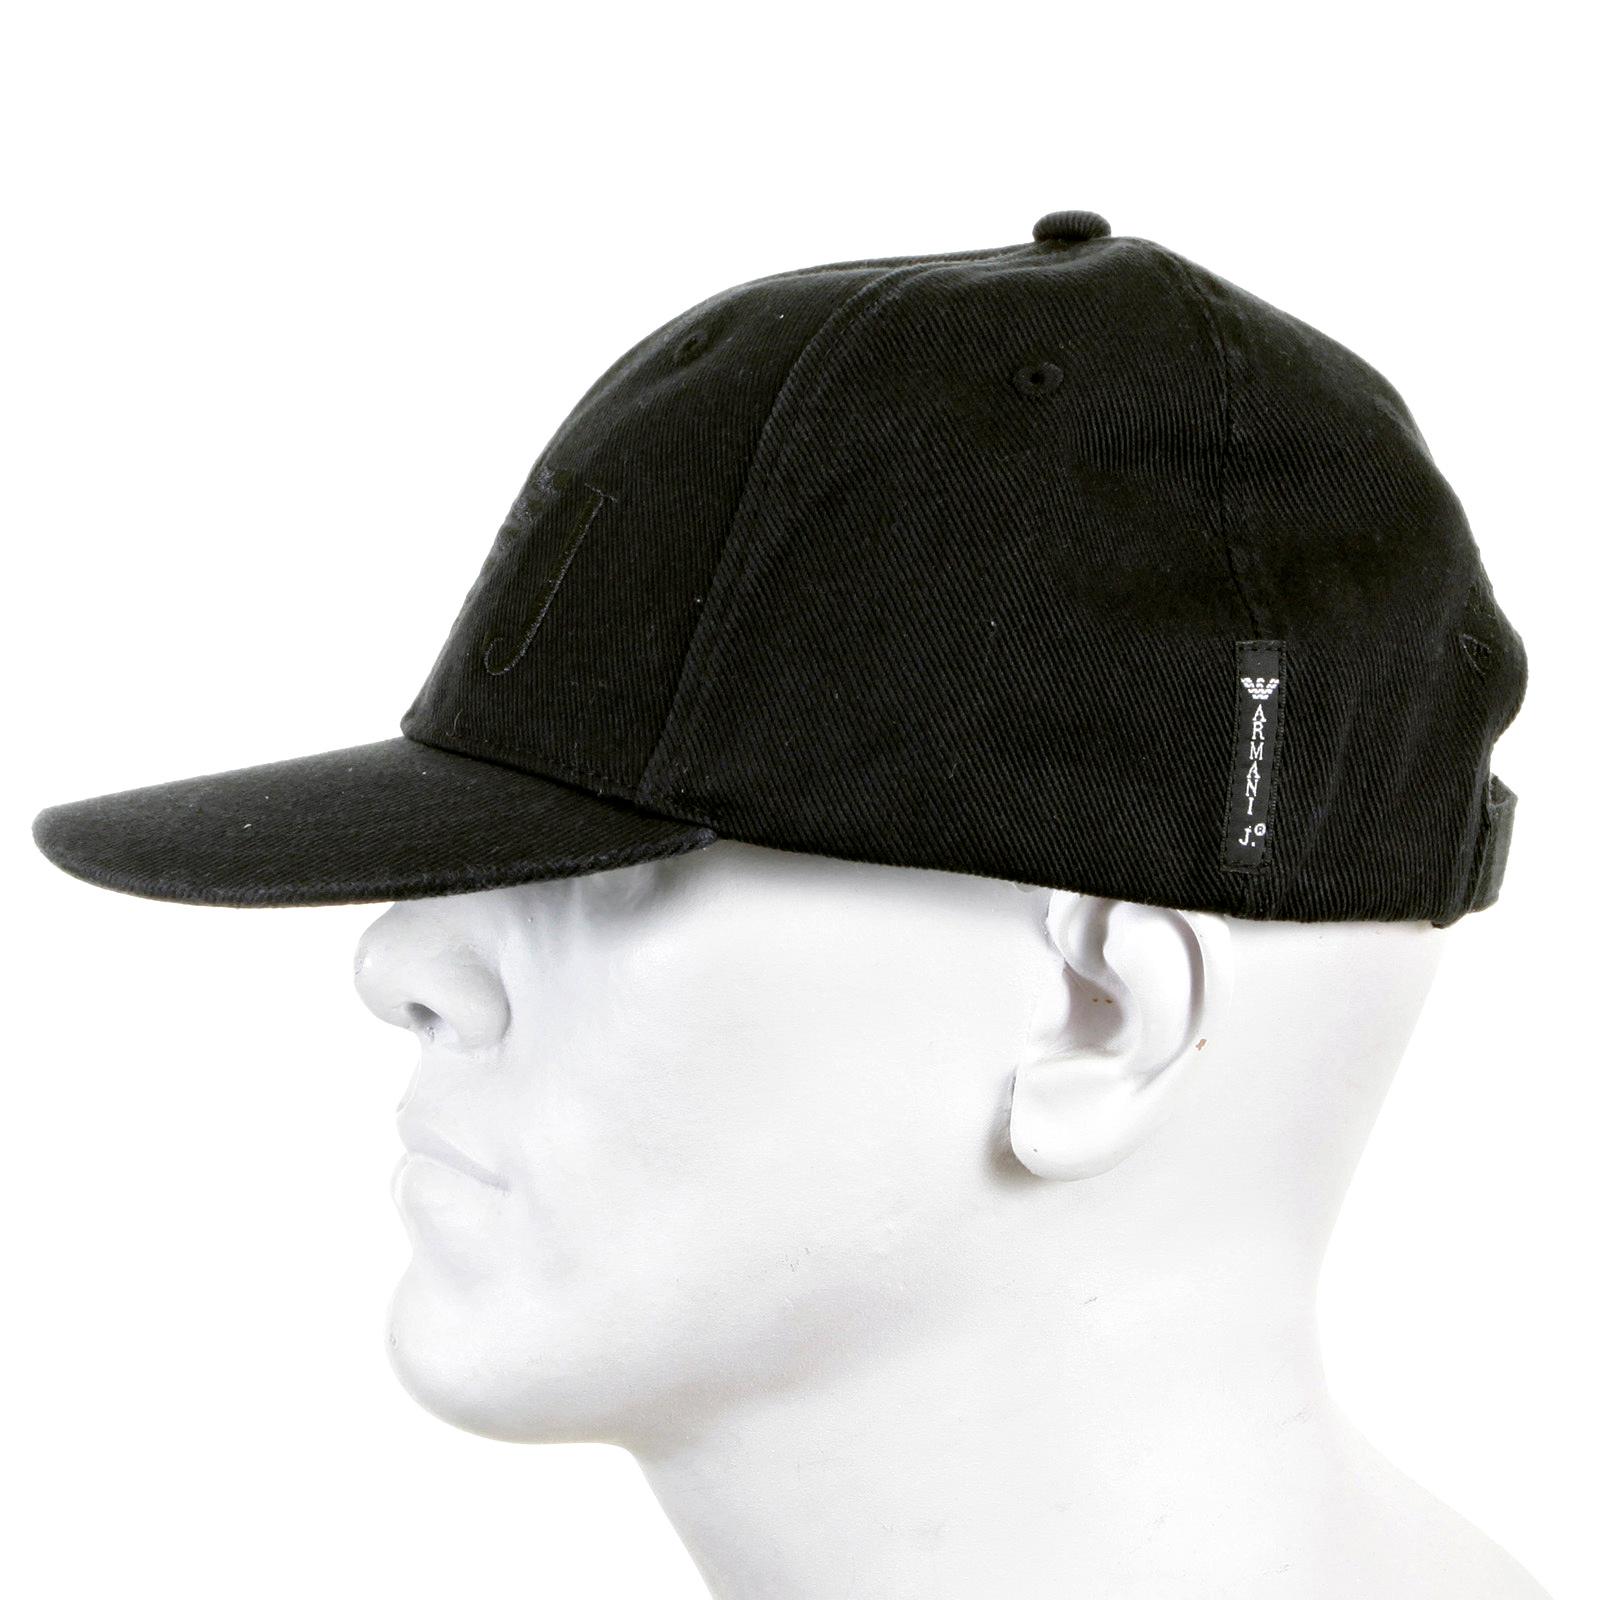 armani jeans black baseball cap 06481 xe ajm2266 at togged